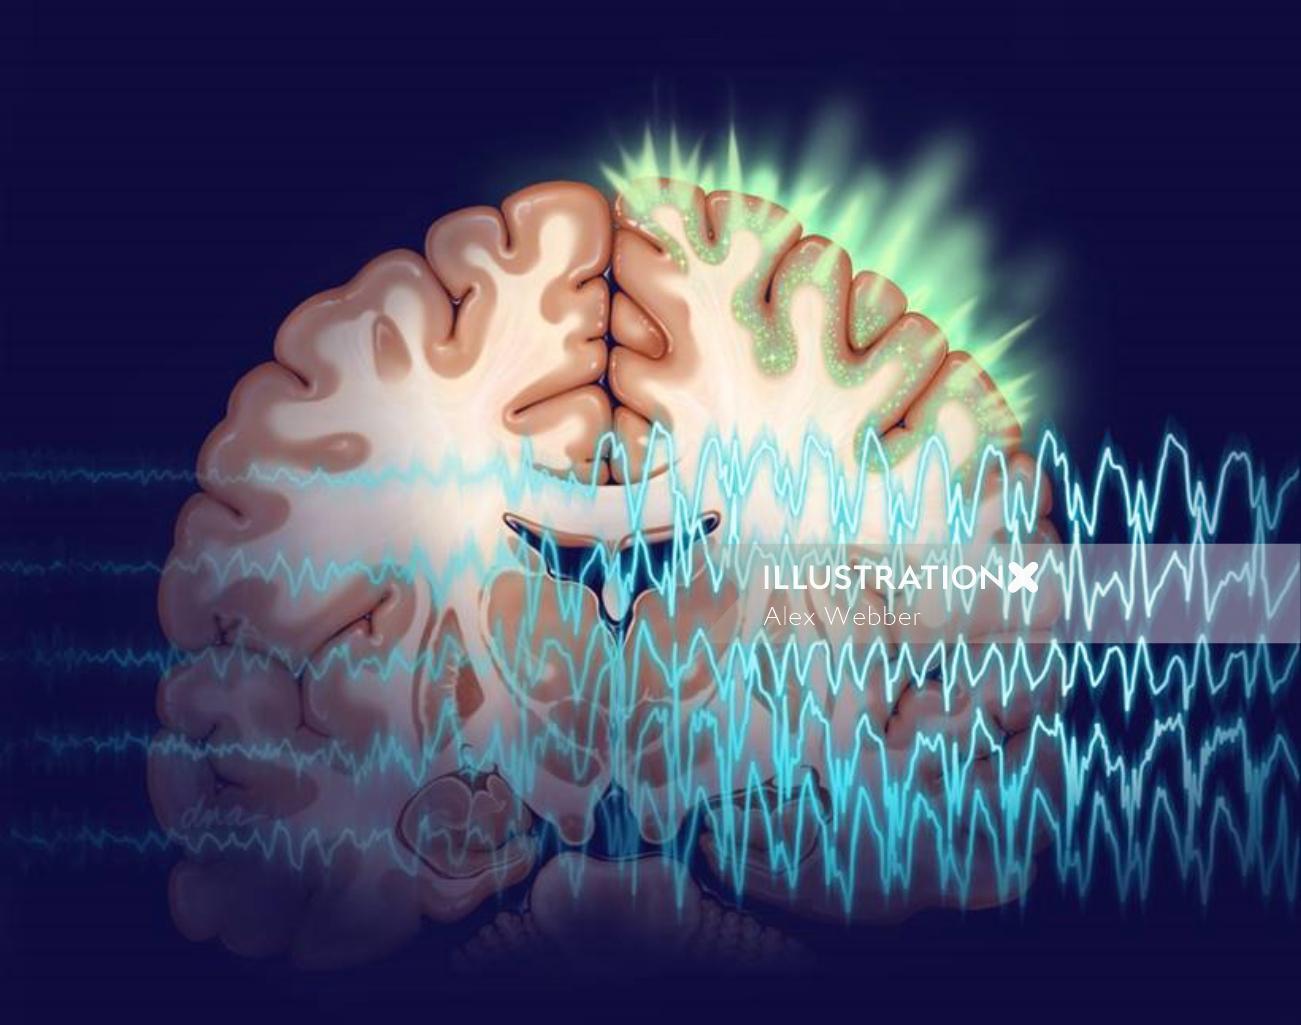 Medical illustration of Seizures